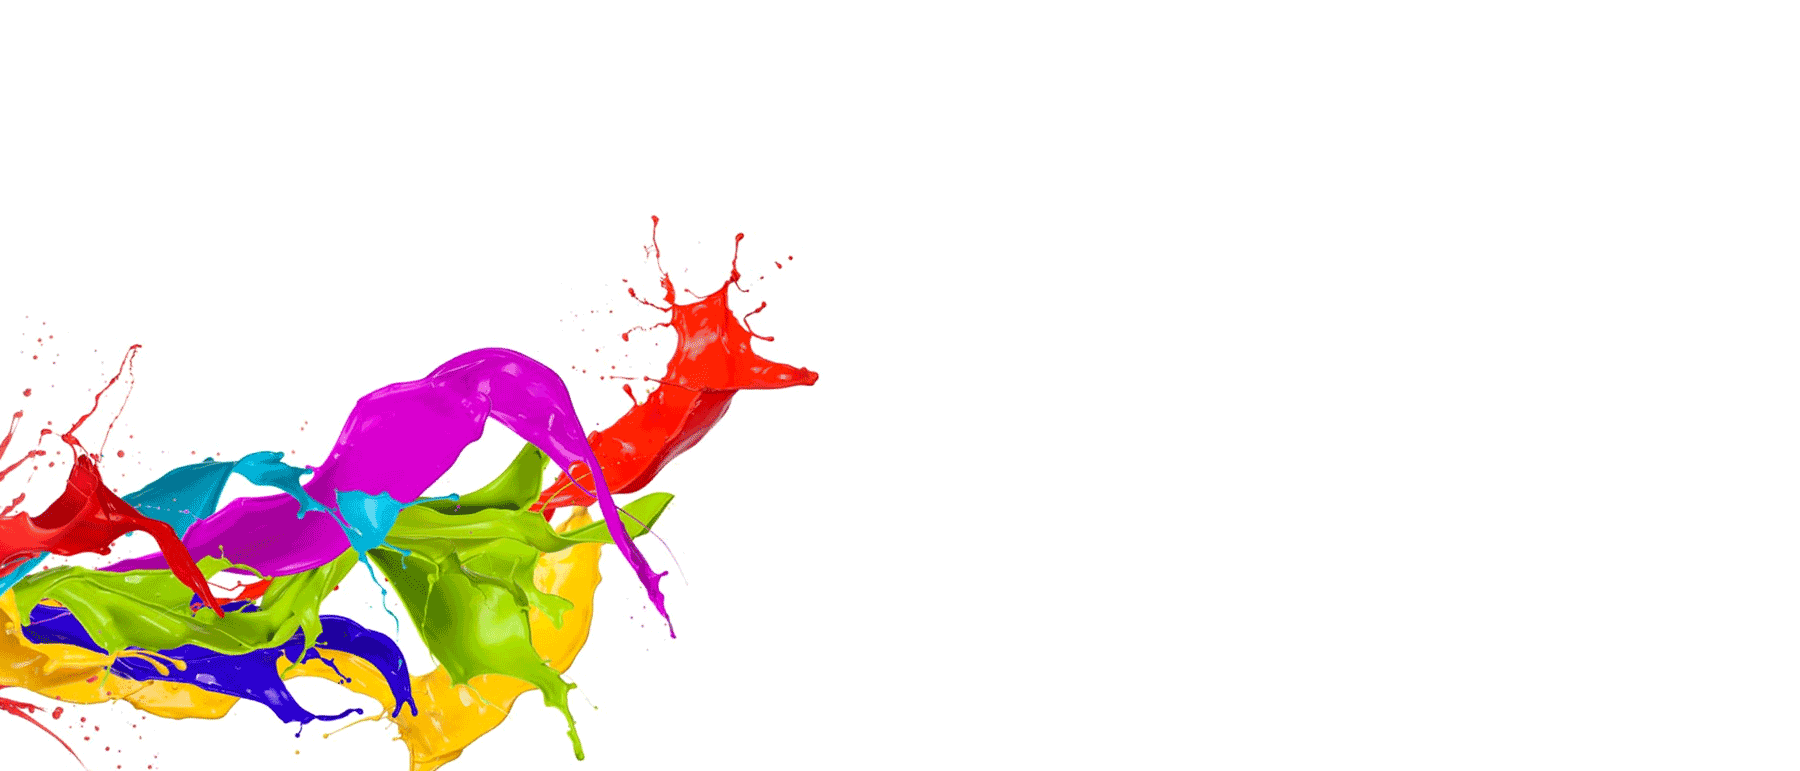 slide image background